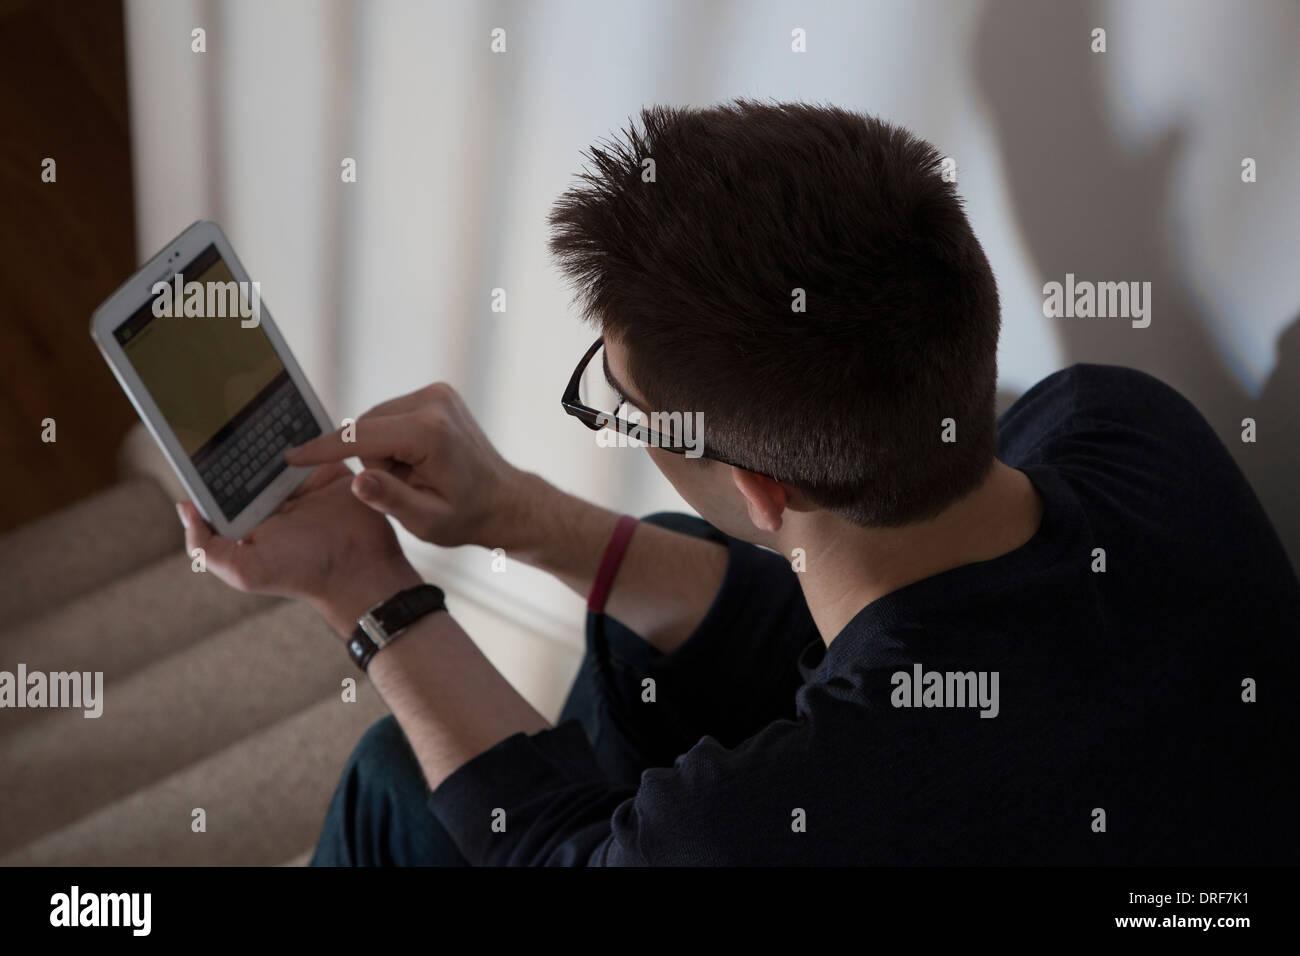 Sulla spalla colpo di uomo che indossa gli occhiali digitando su una tastiera sullo schermo a sfioramento digitale compressa. Immagini Stock